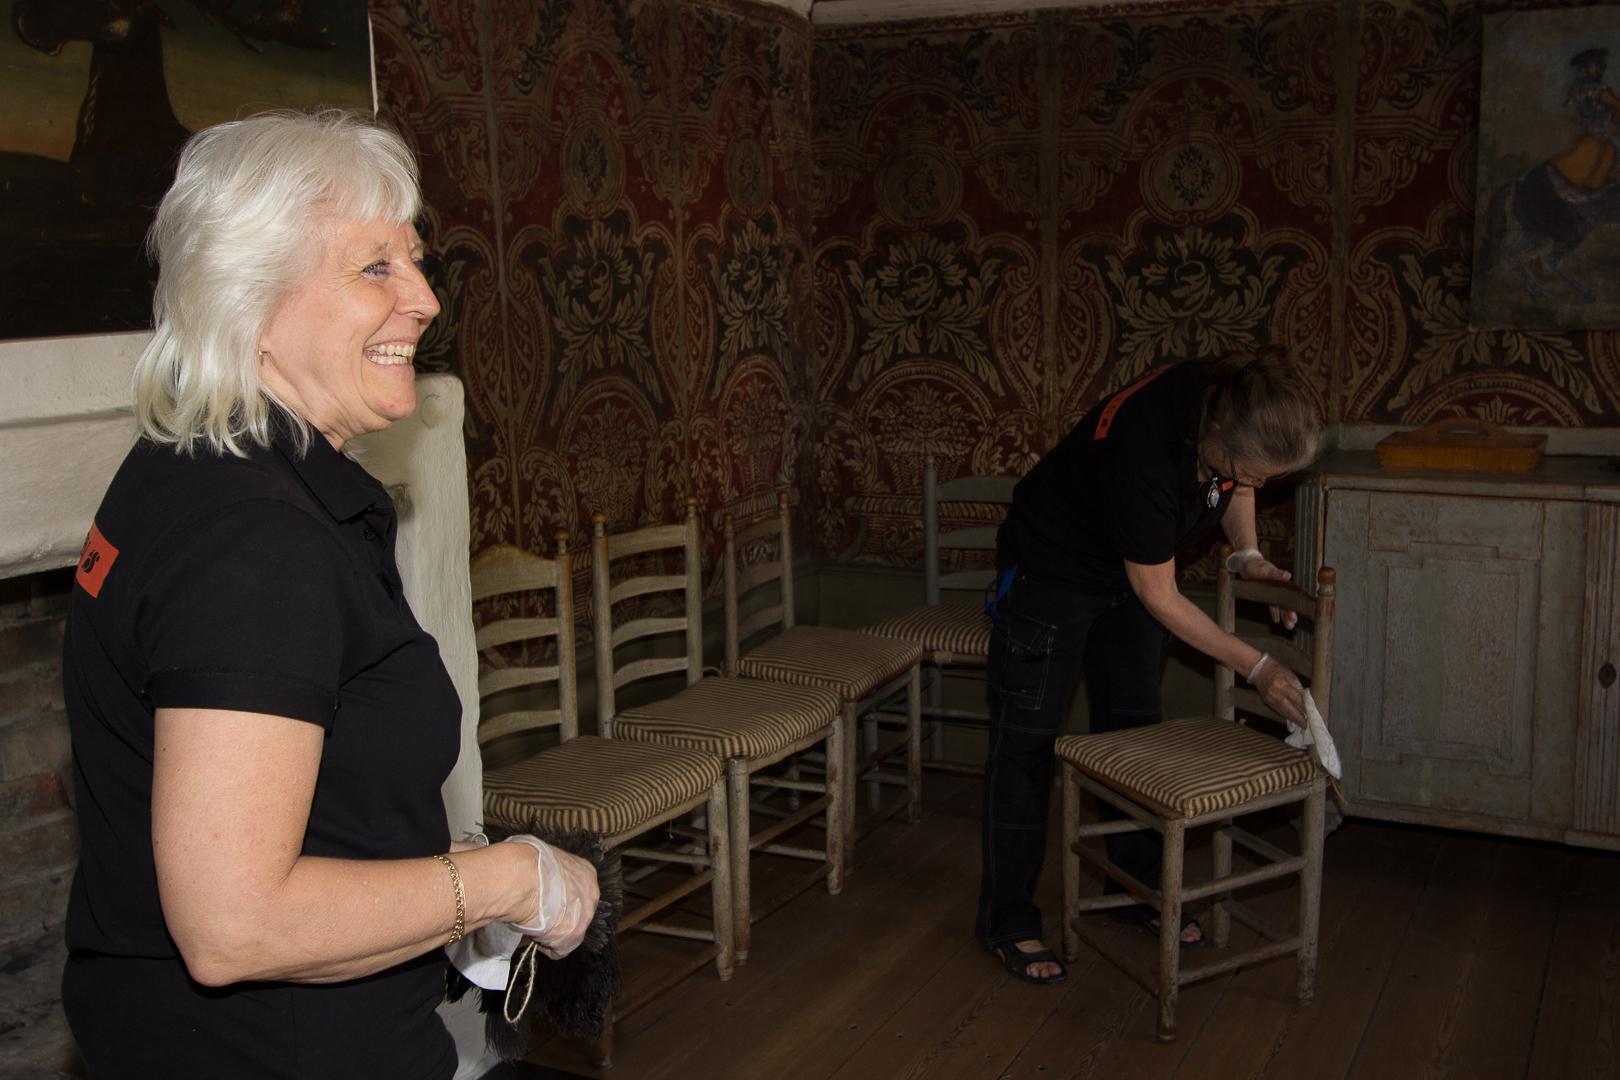 Maggan som städat i de kulturhistoriska husen sedan 1971 berättar att det hela tiden finns mer att lära!